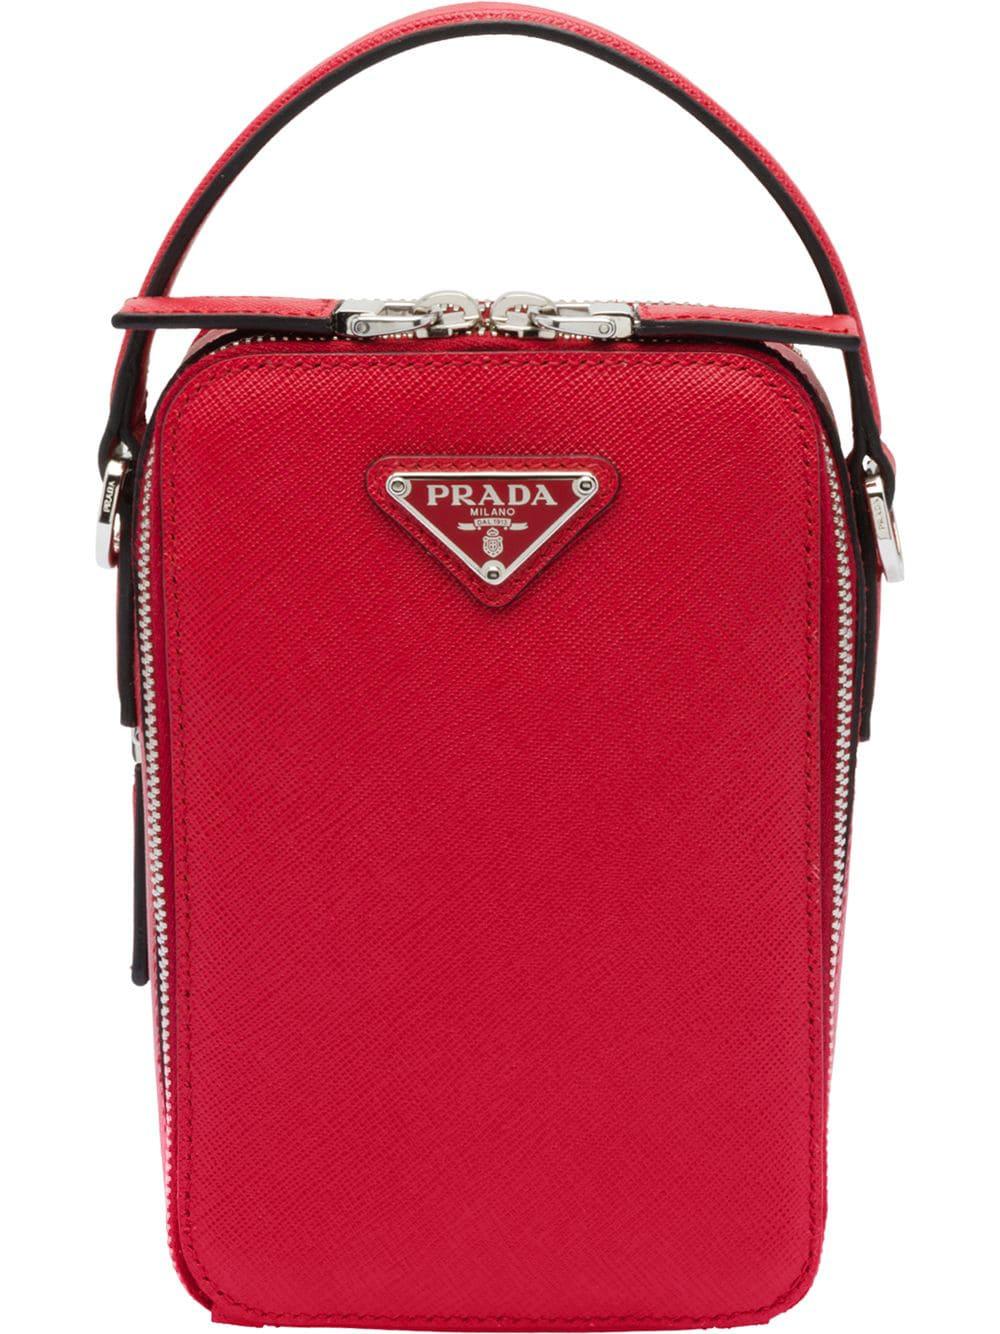 109dff6a1b94 Prada Saffiano Leather Shoulder Bag - Red   ModeSens